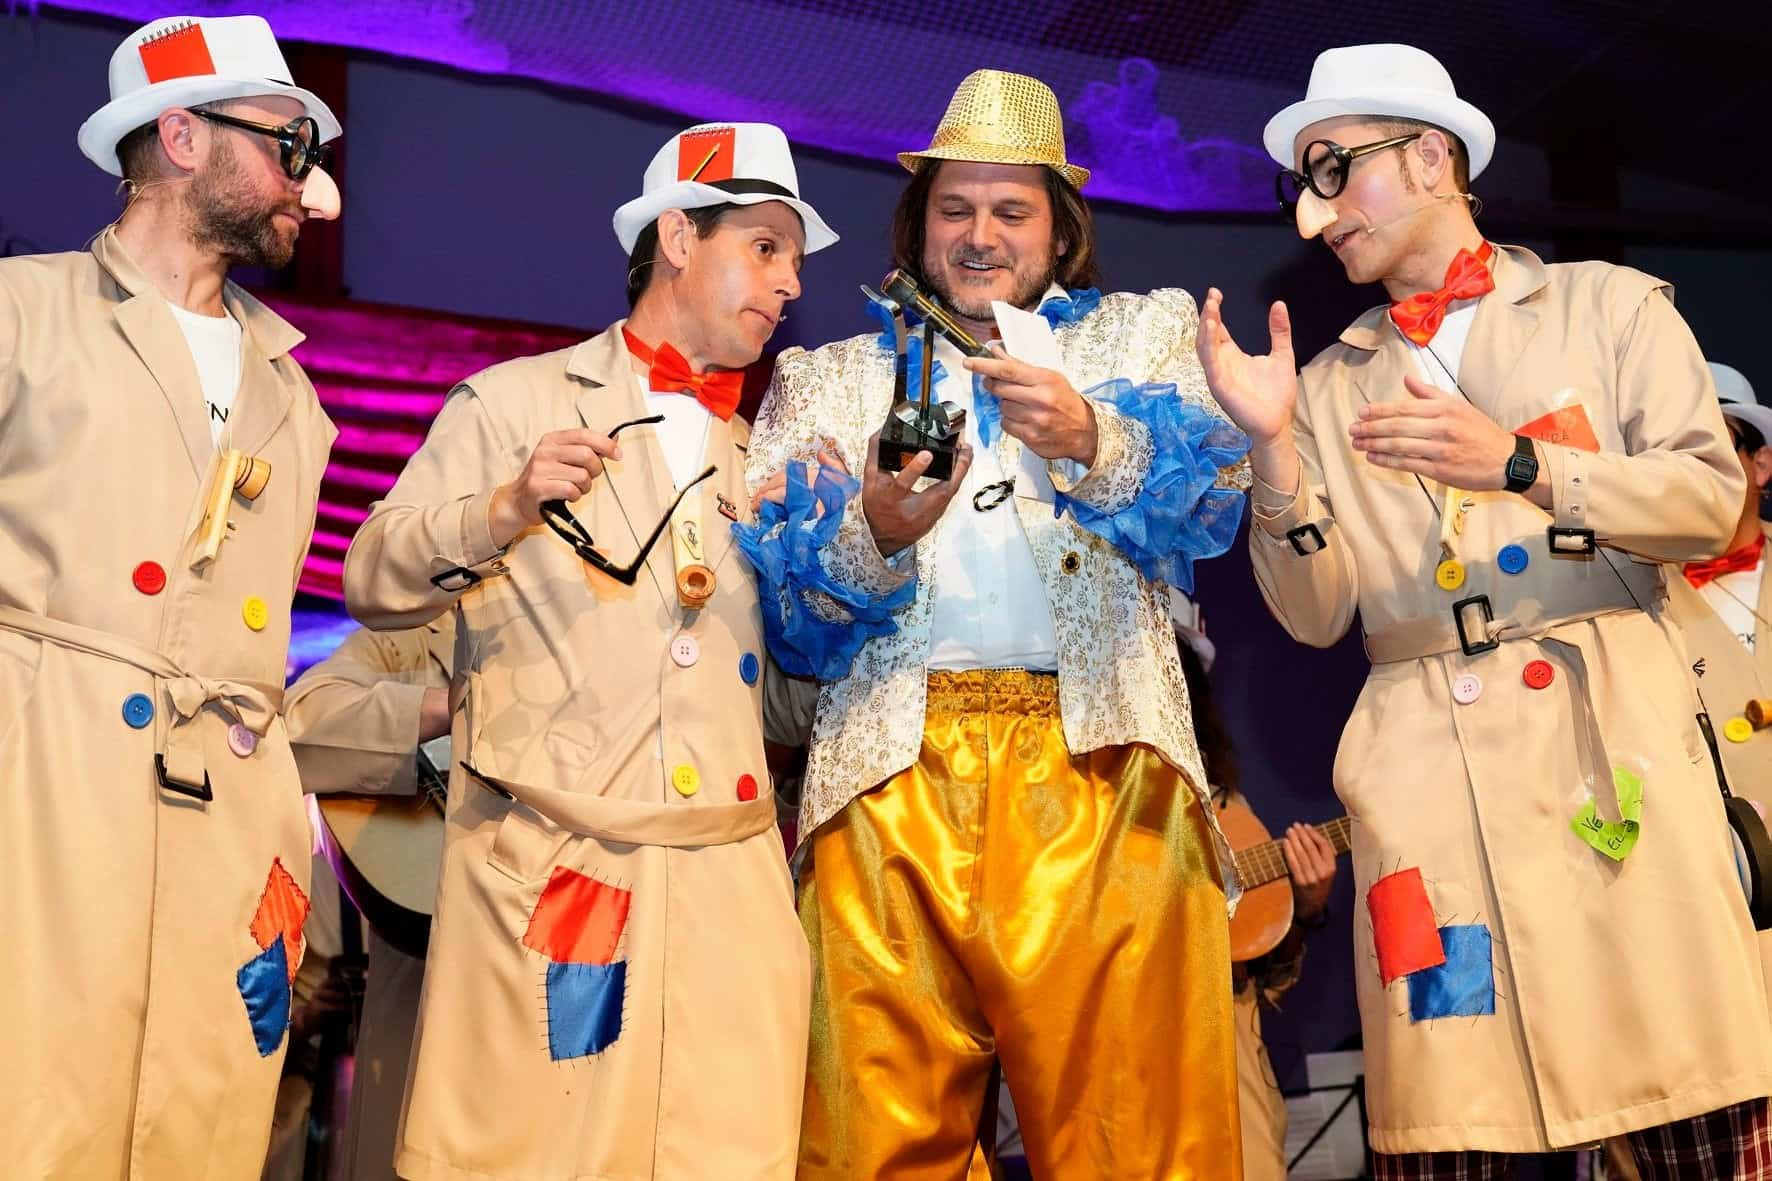 inauguracion carnaval 2020 herencia 19 - Inauguración del Carnaval de Herencia 2020